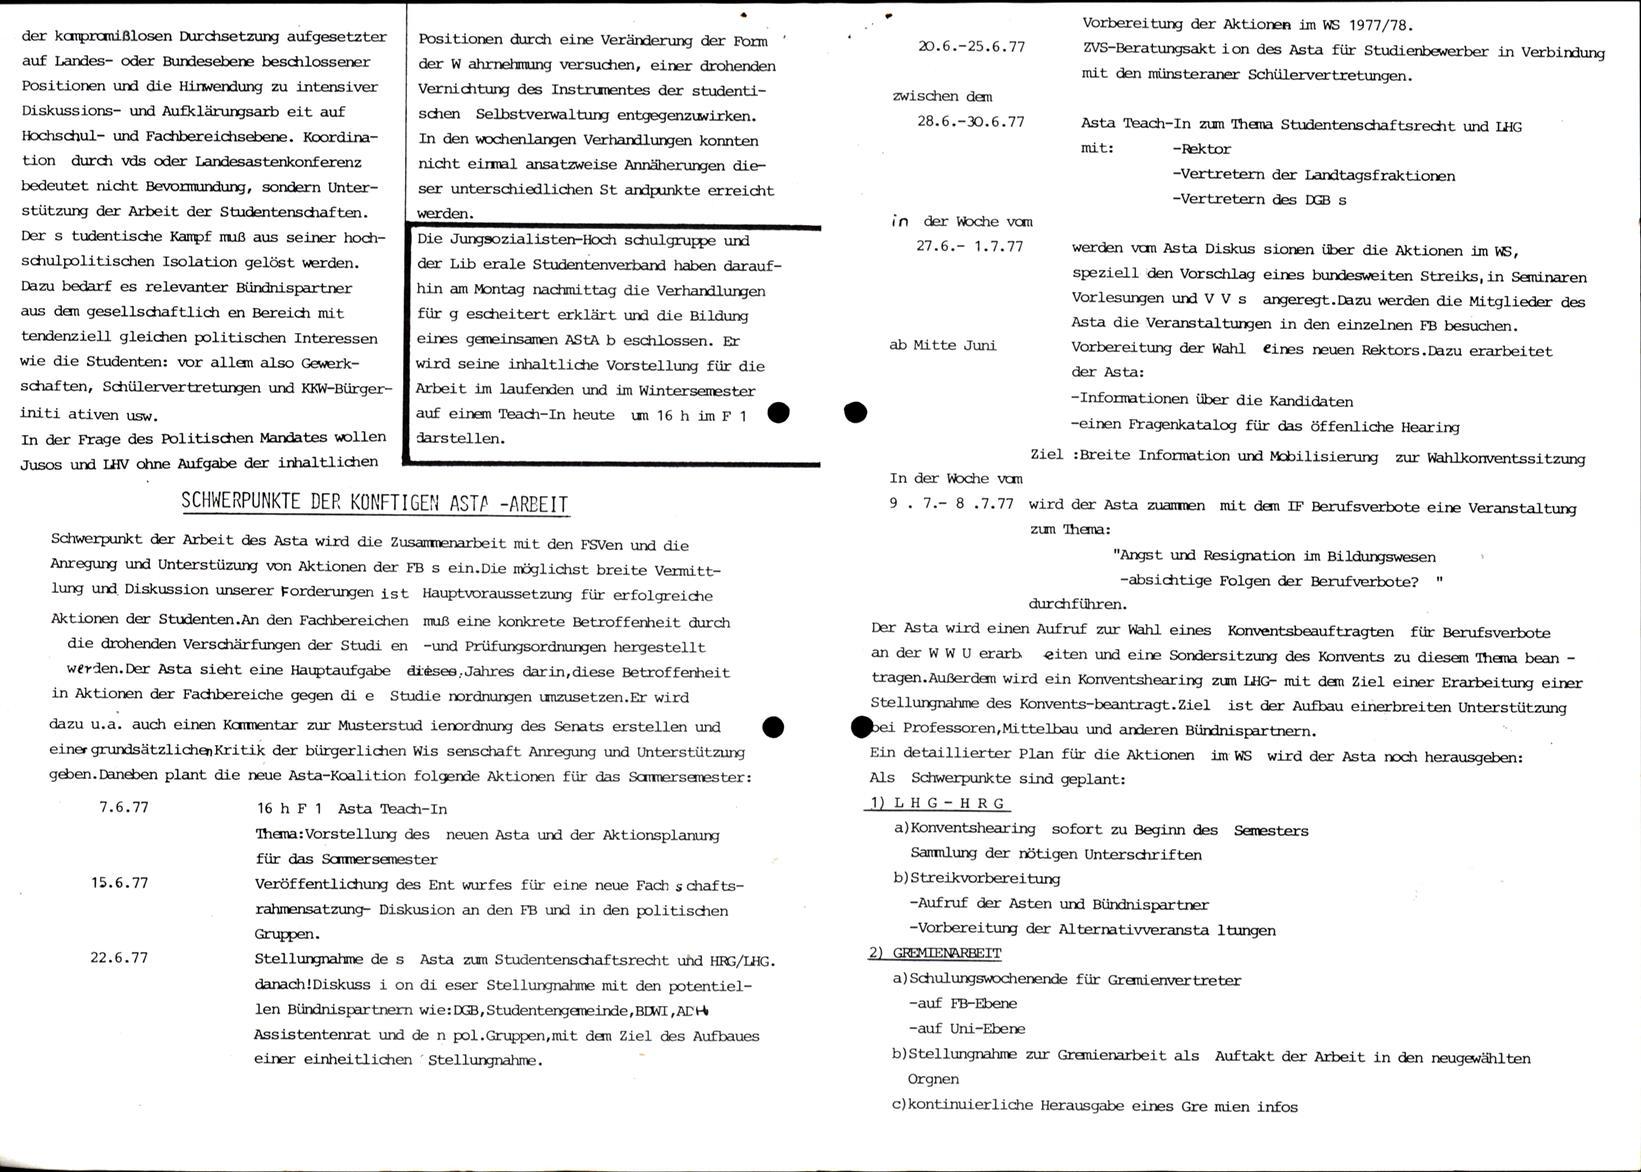 Muenster_AStA_Info_19770607_02